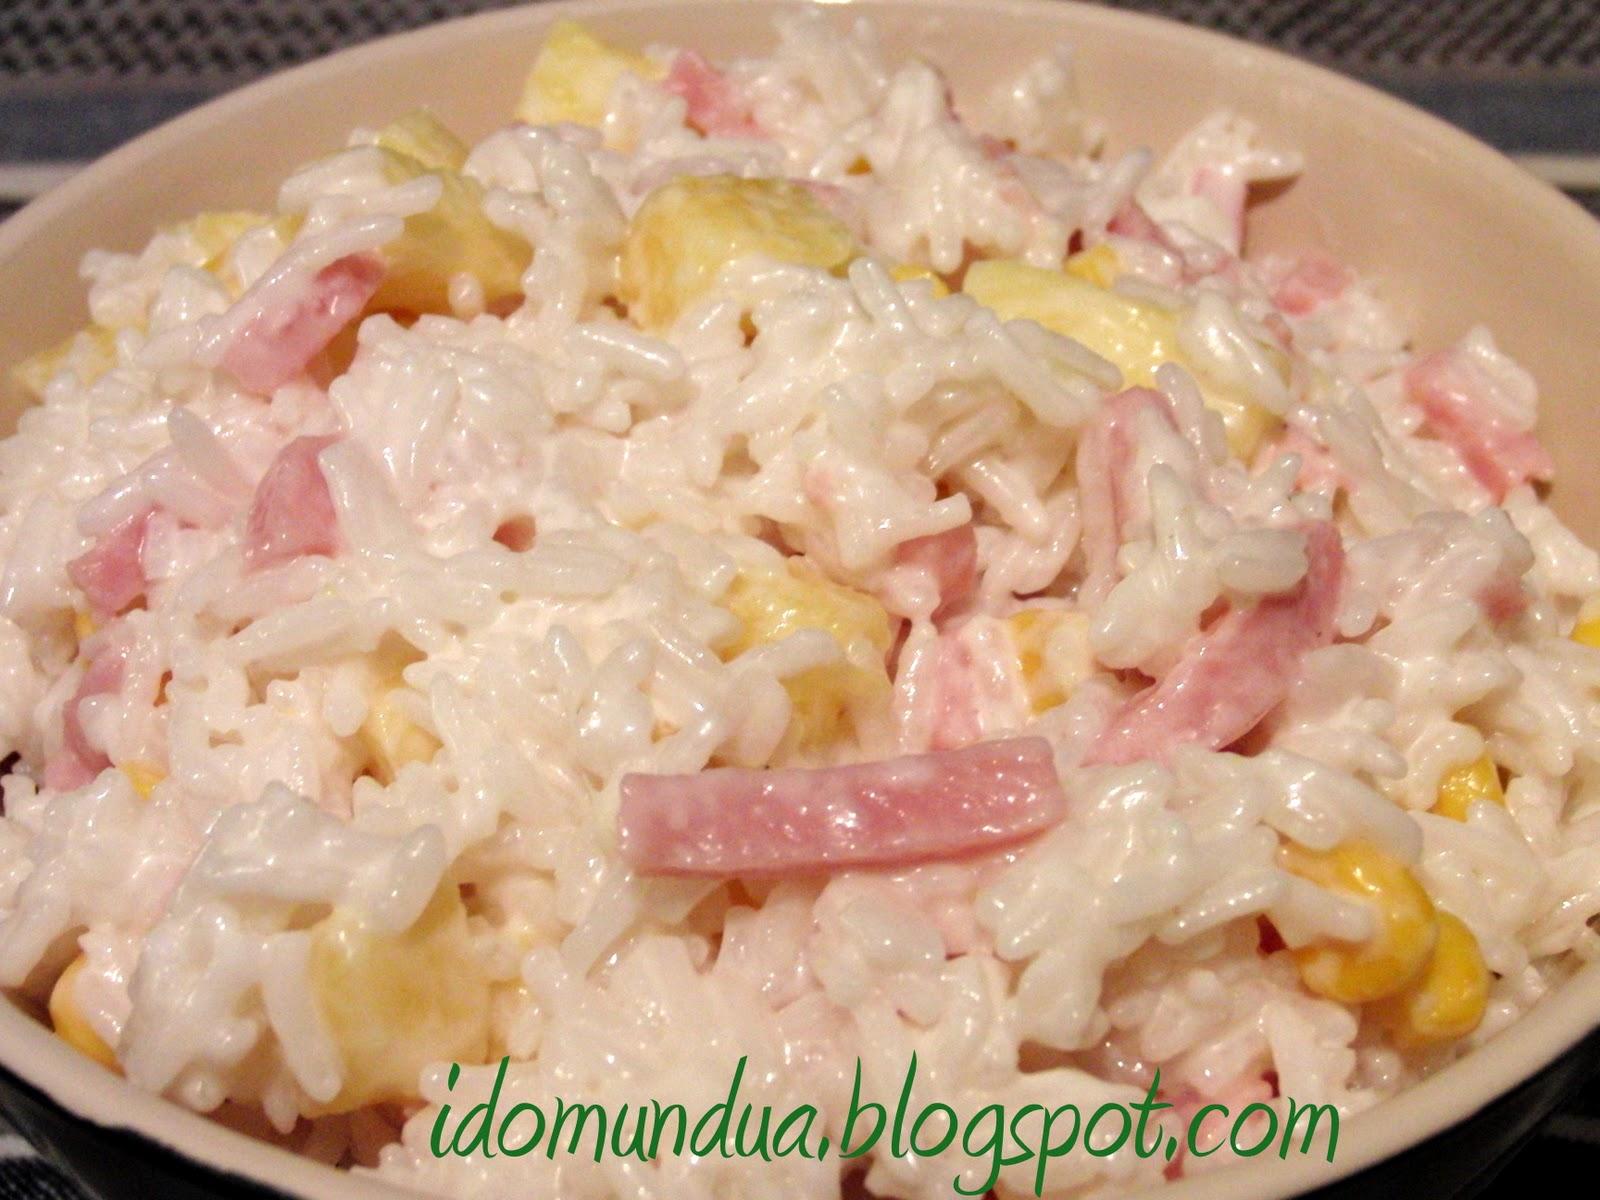 Idomundua ensalada de arroz con pi a y jam n - Arroz con alcachofas y jamon ...